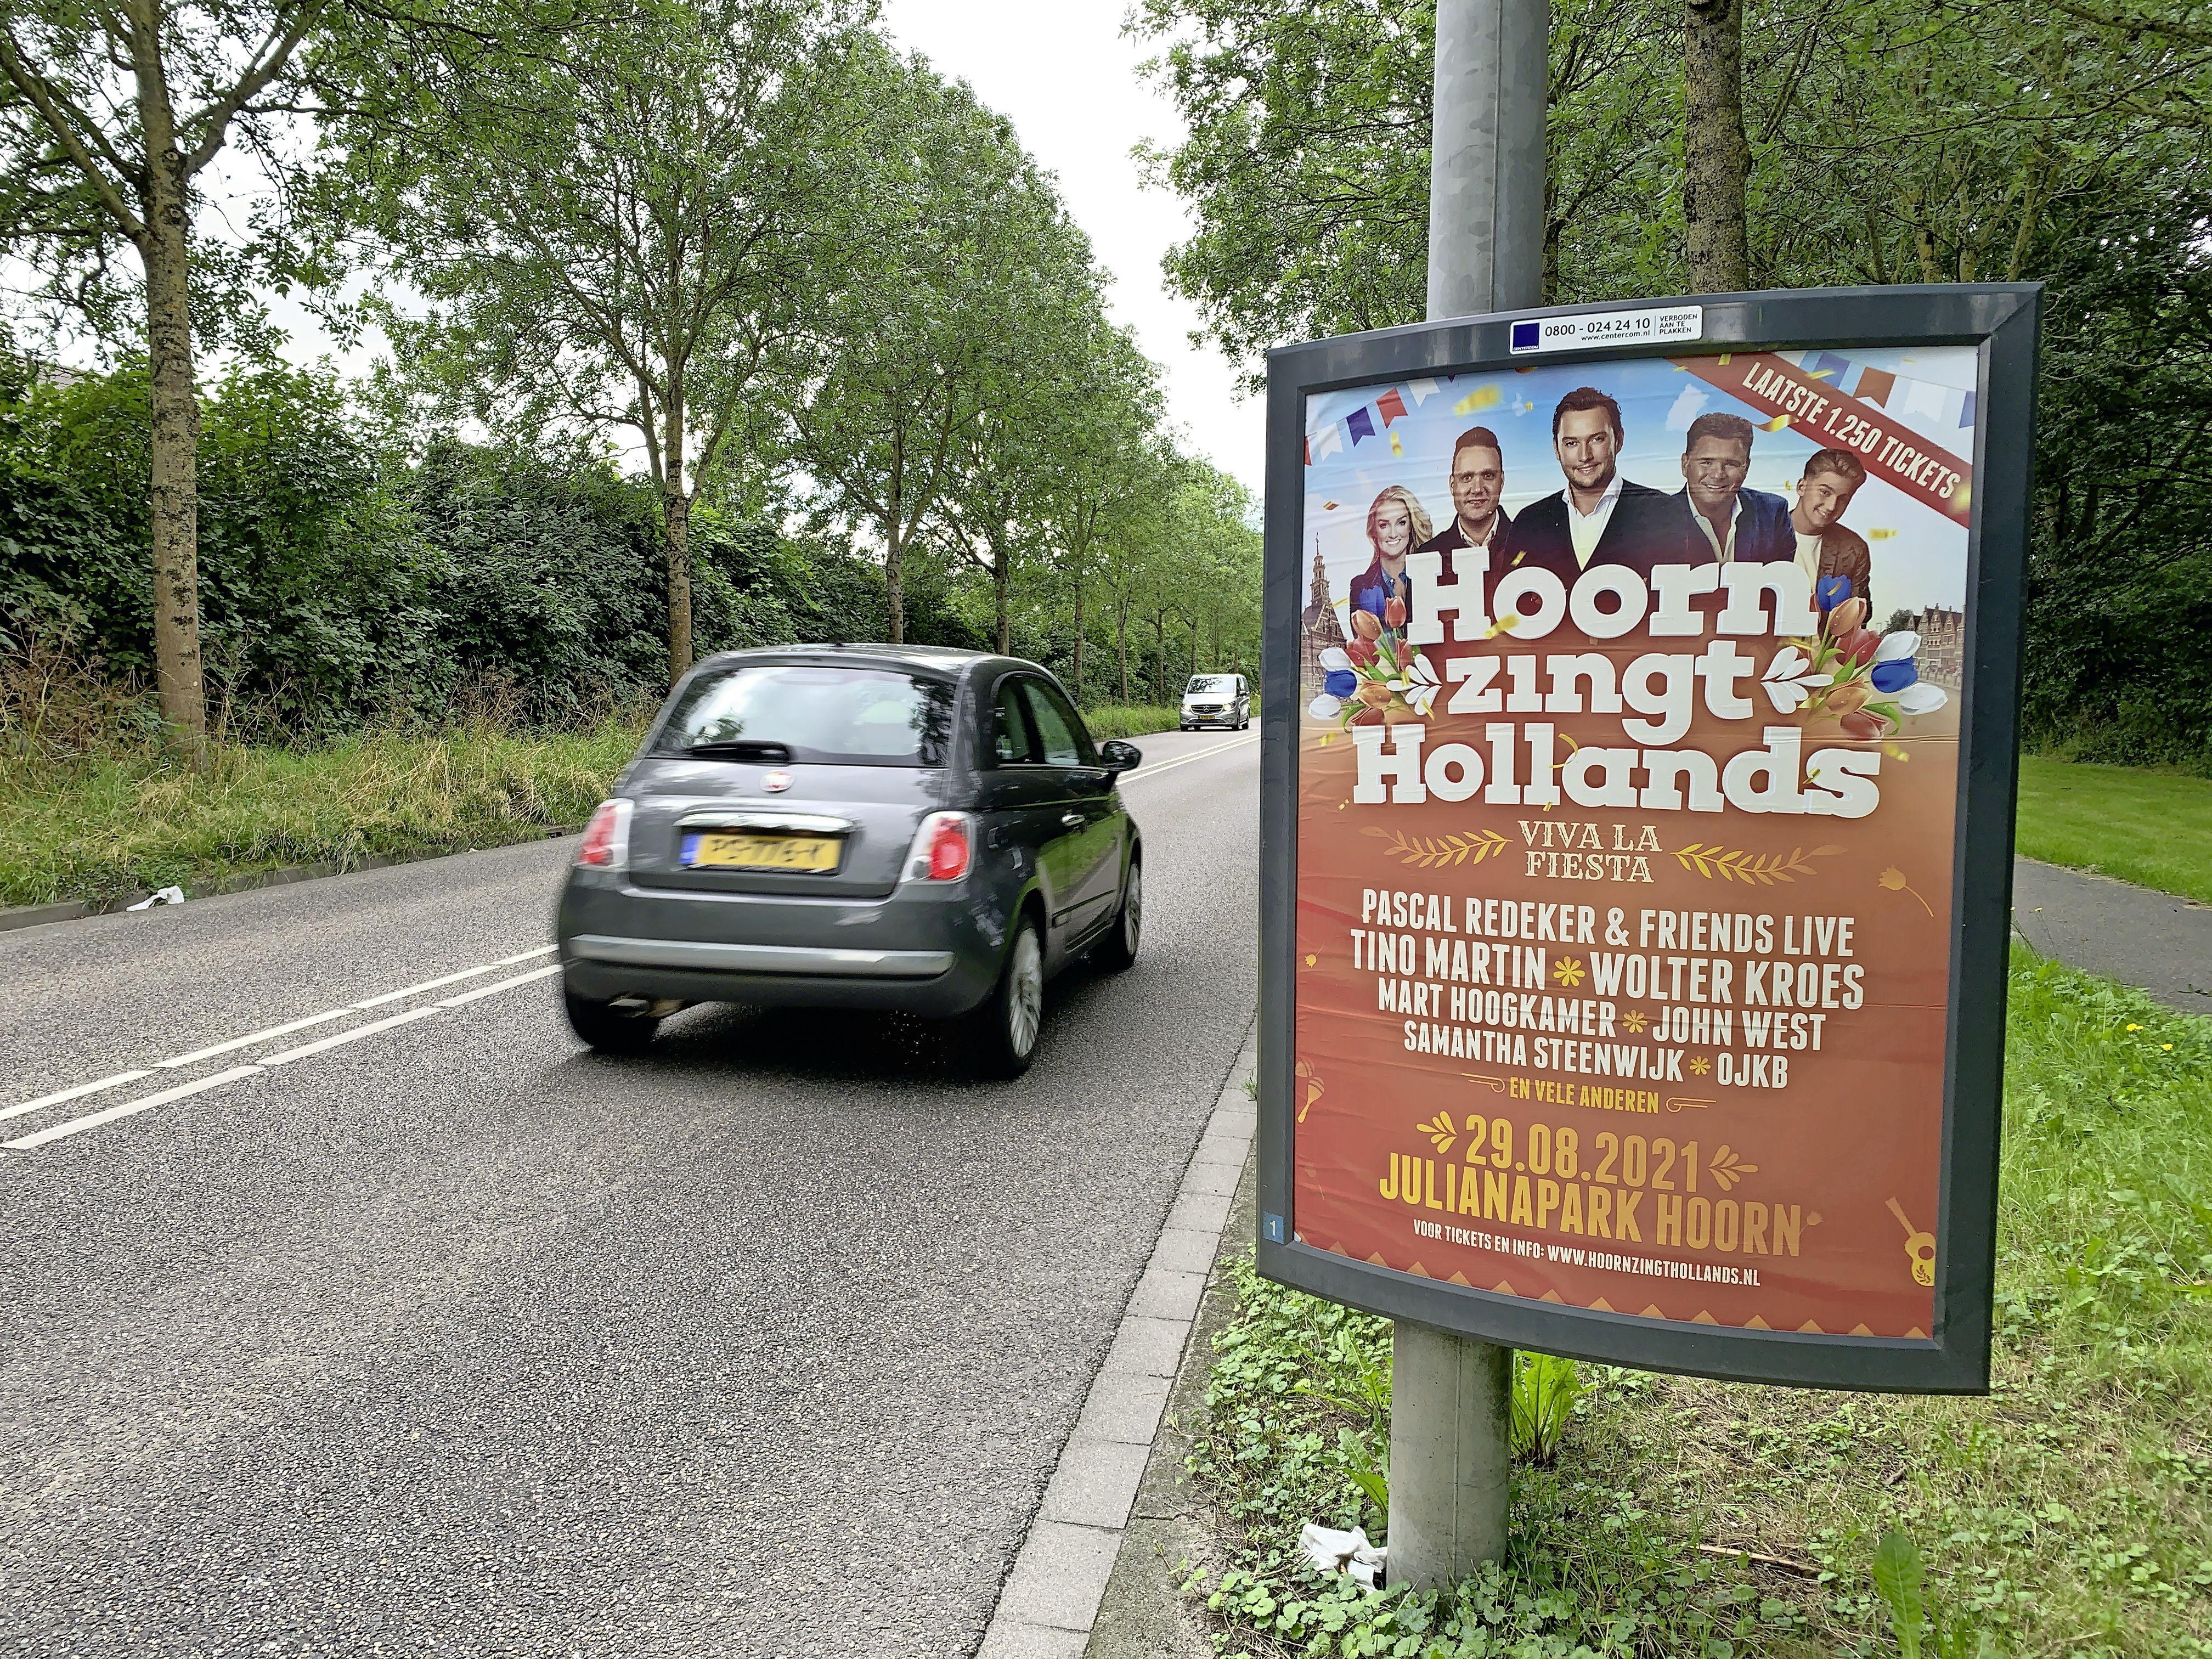 Outdoor Stereo en Hoorn zingt Hollands ook dit jaar geschrapt; organisator 'kan precies niets' met maximum 750 bezoekers